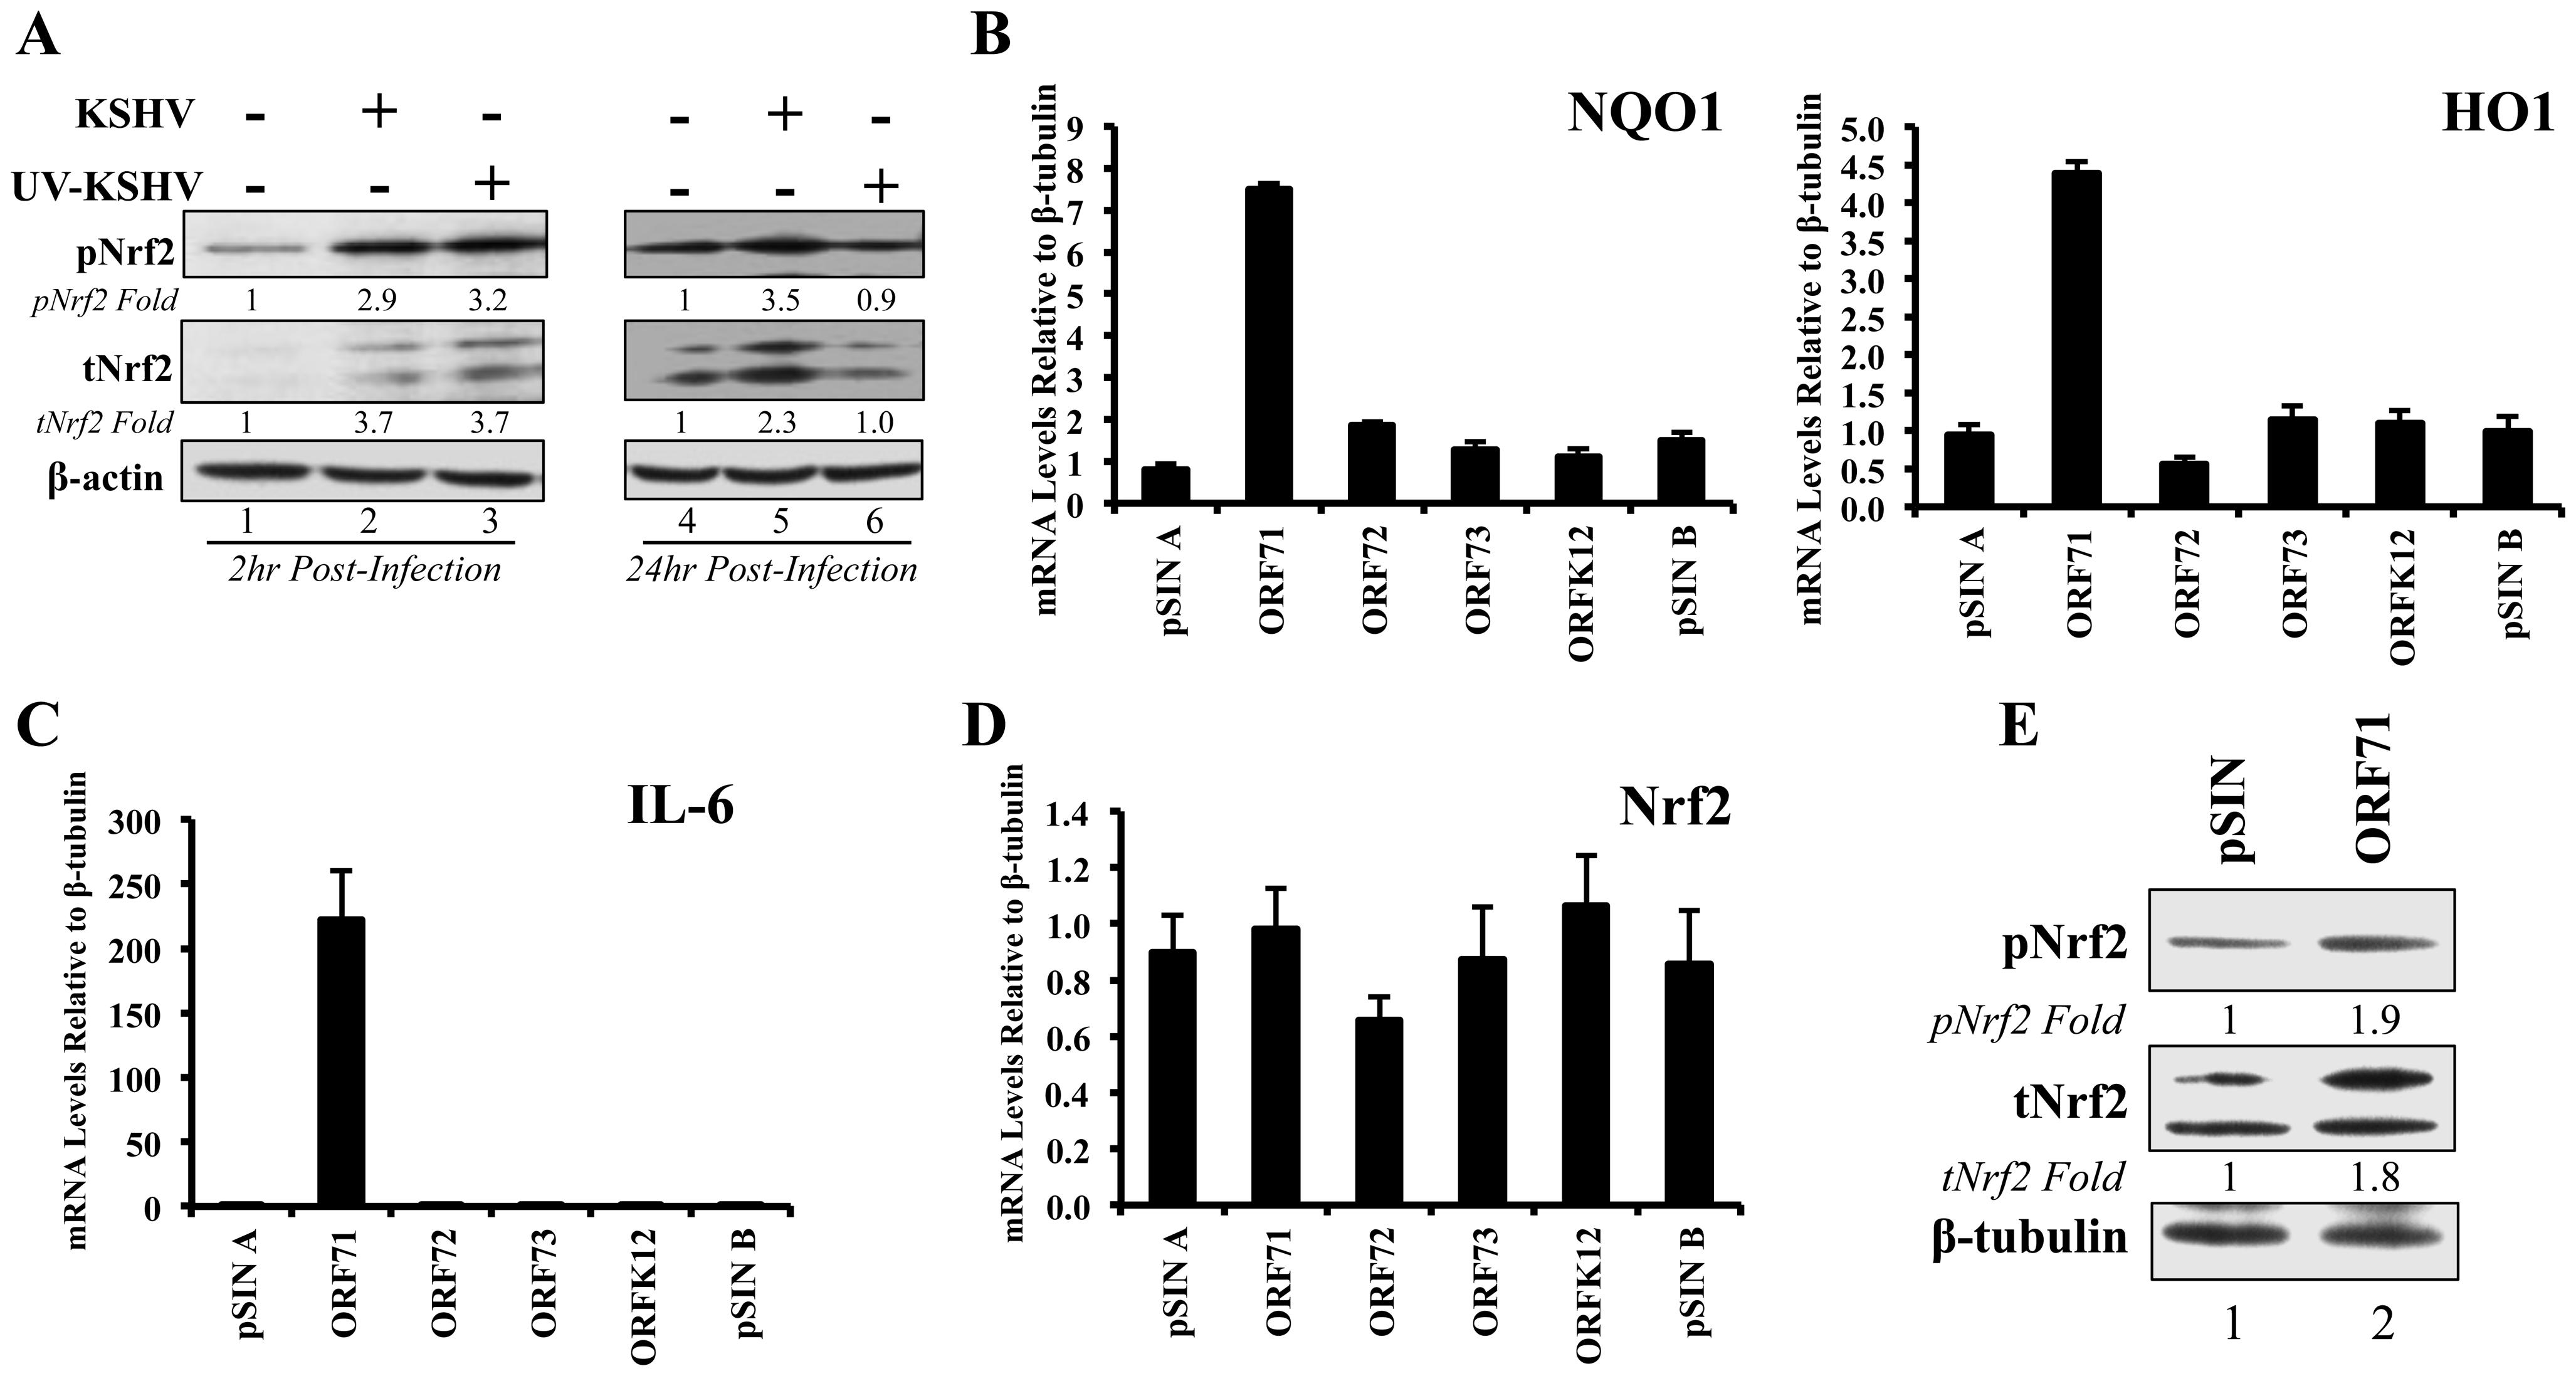 Nrf2 induction during UV-KSHV infection and during latent KSHV gene vFLIP overexpression.